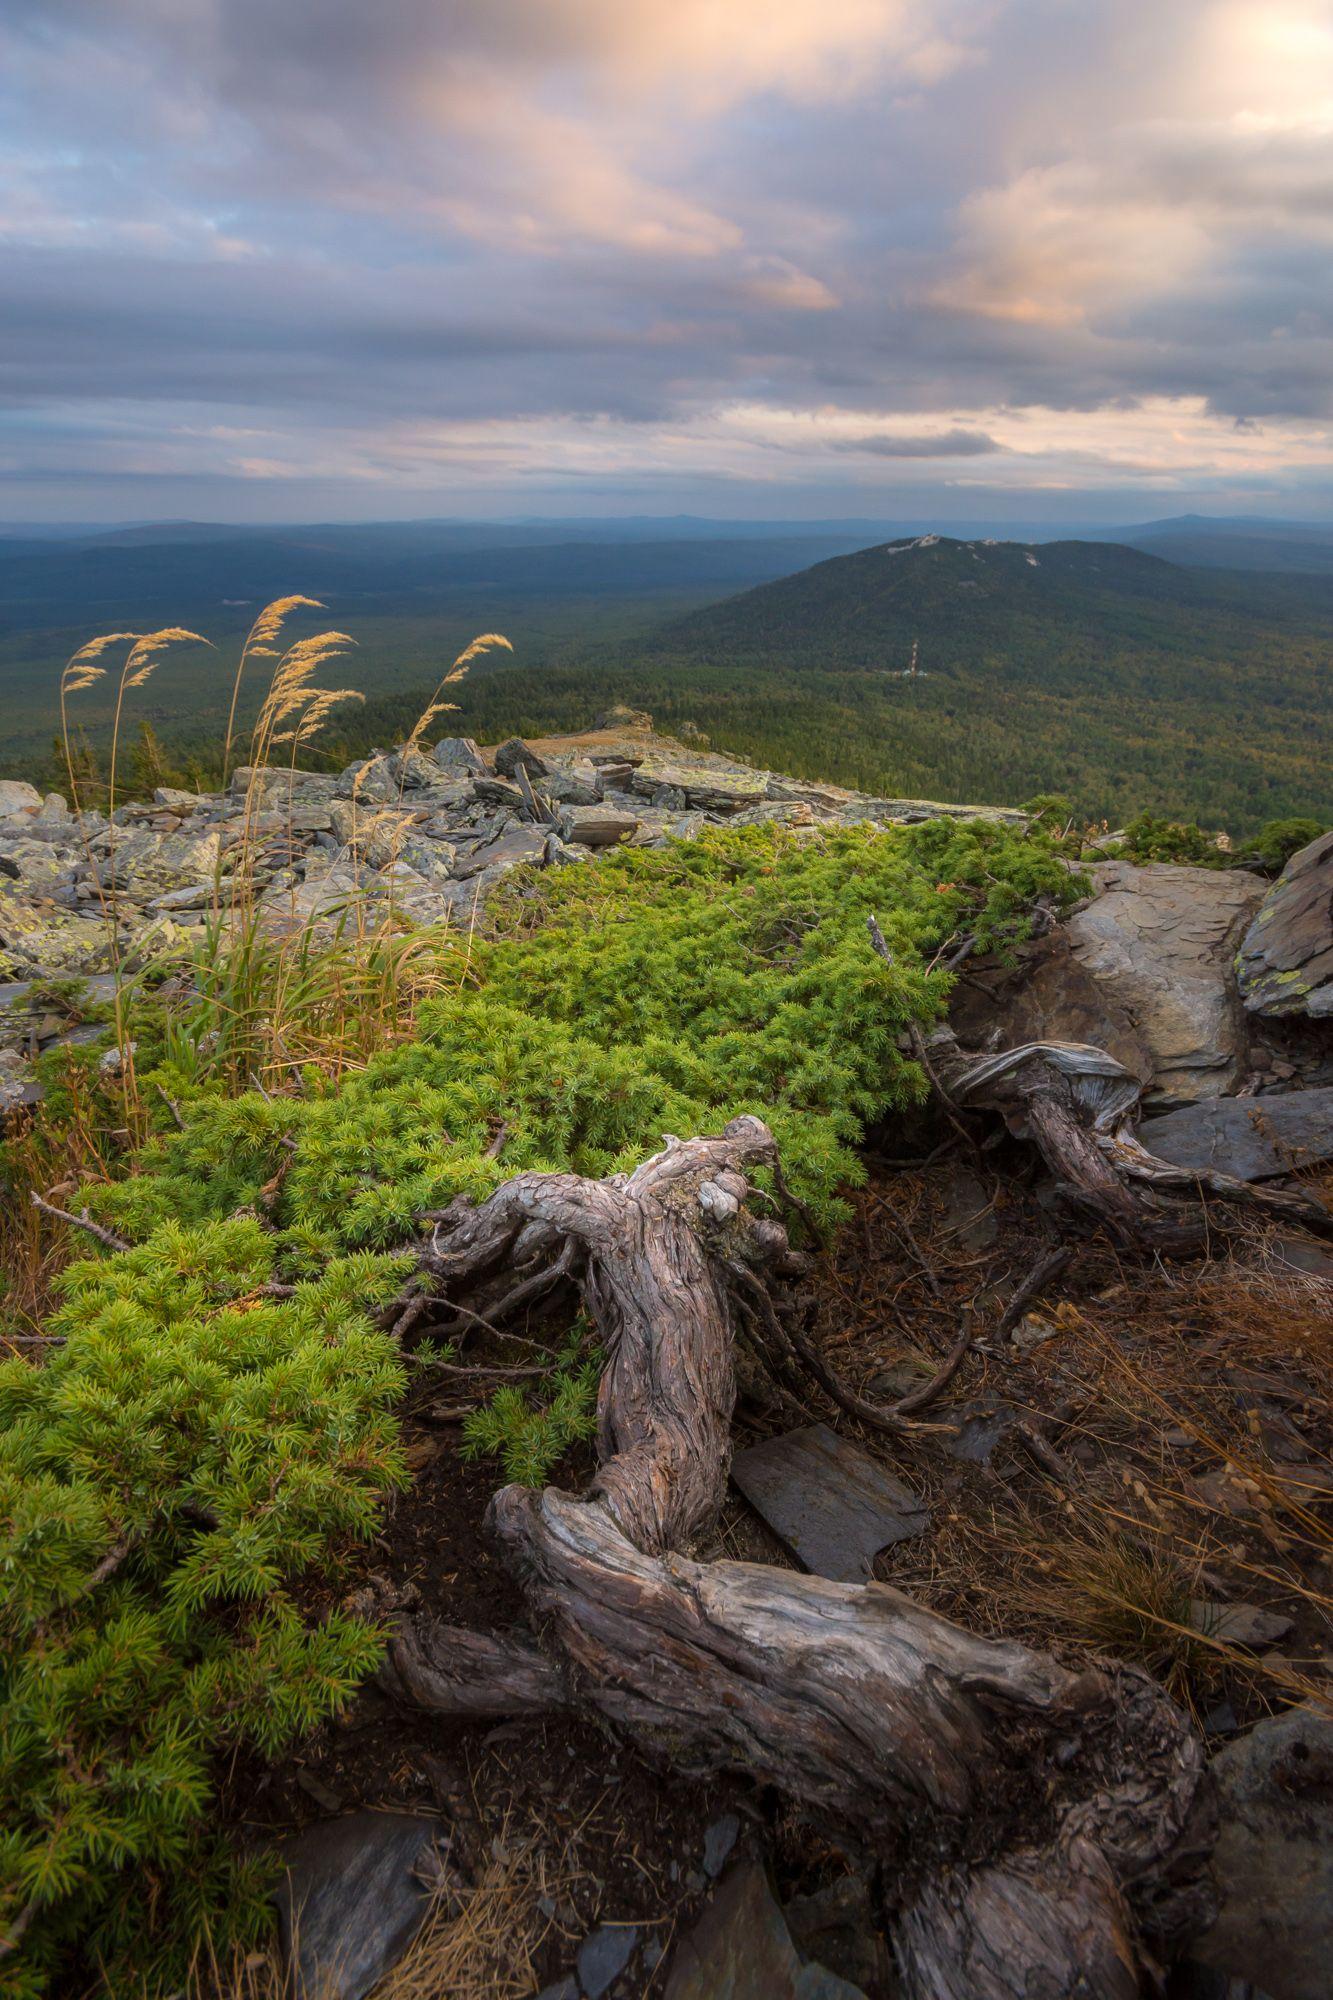 горы можжевельник вечер урал лето, Жданов Дмитрий